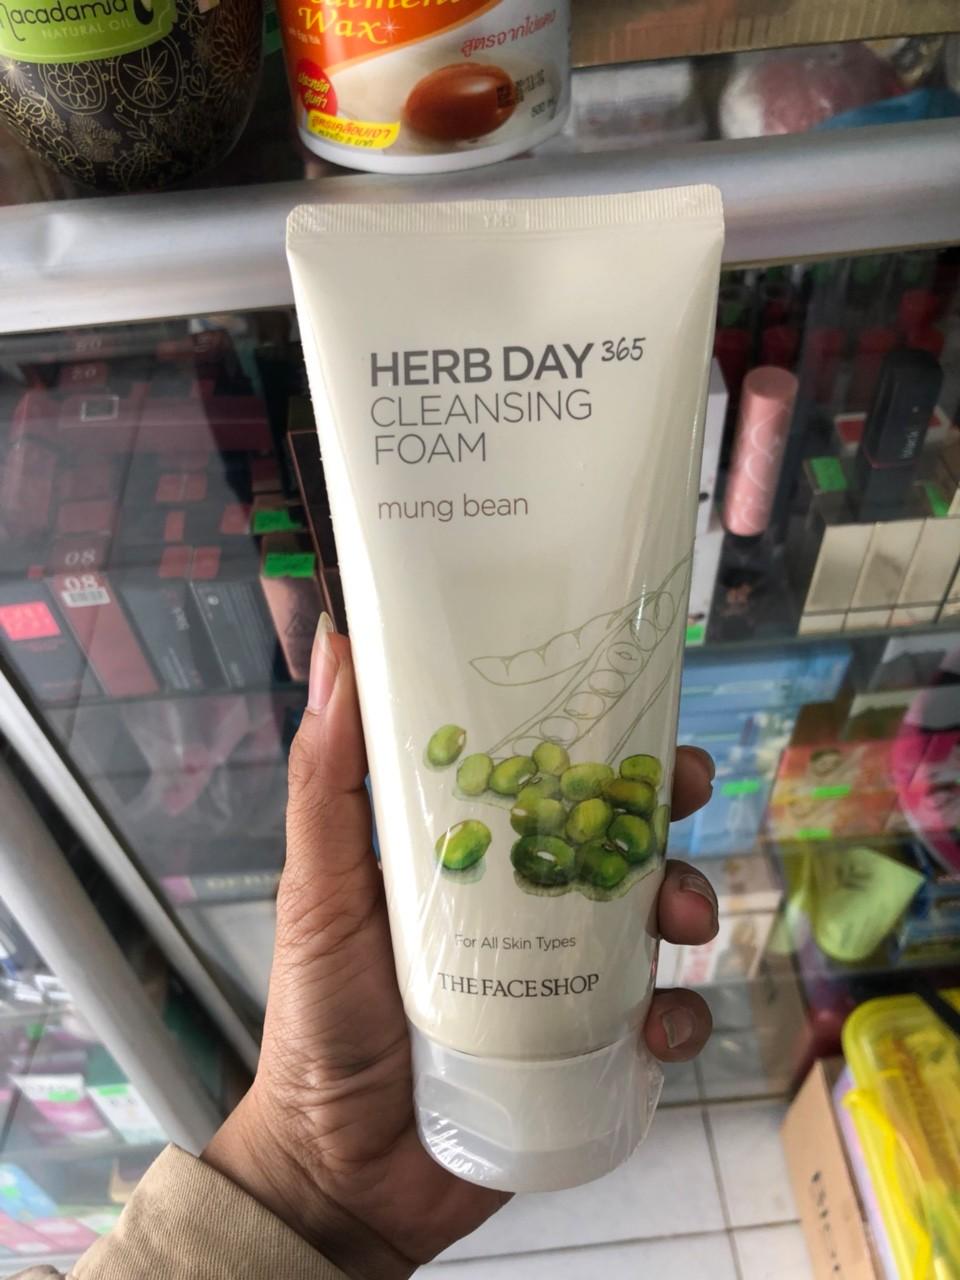 herb day 365 cleansing foam aloe đẹp, chính hãng chất lượng, giá rẻ hấp